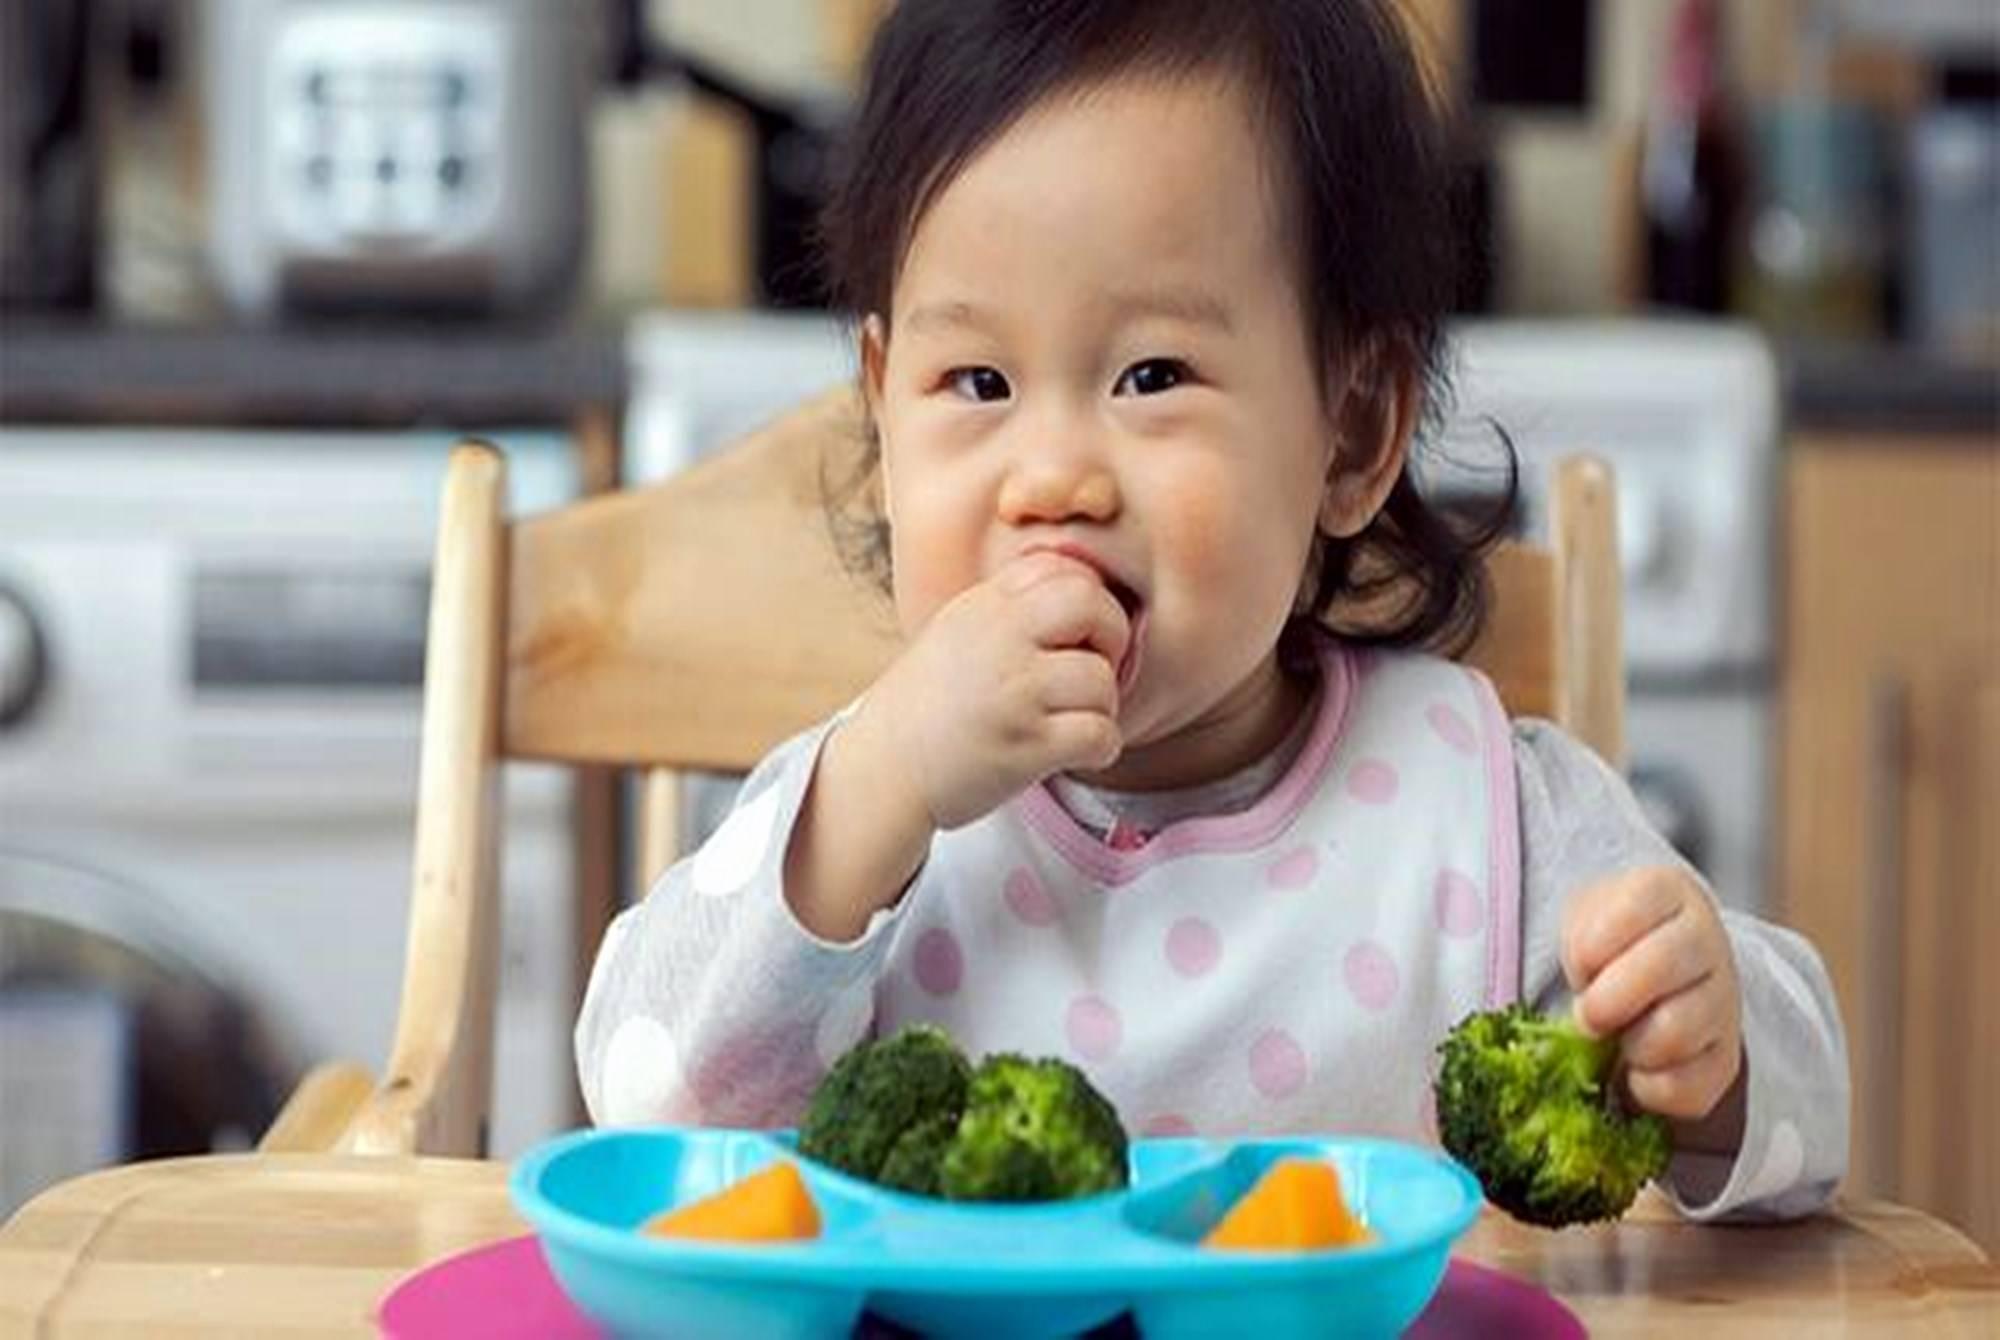 """孩子两岁前能吃""""大人饭""""吗?儿科医生:三岁前吃都算""""毒辅食""""  第4张"""